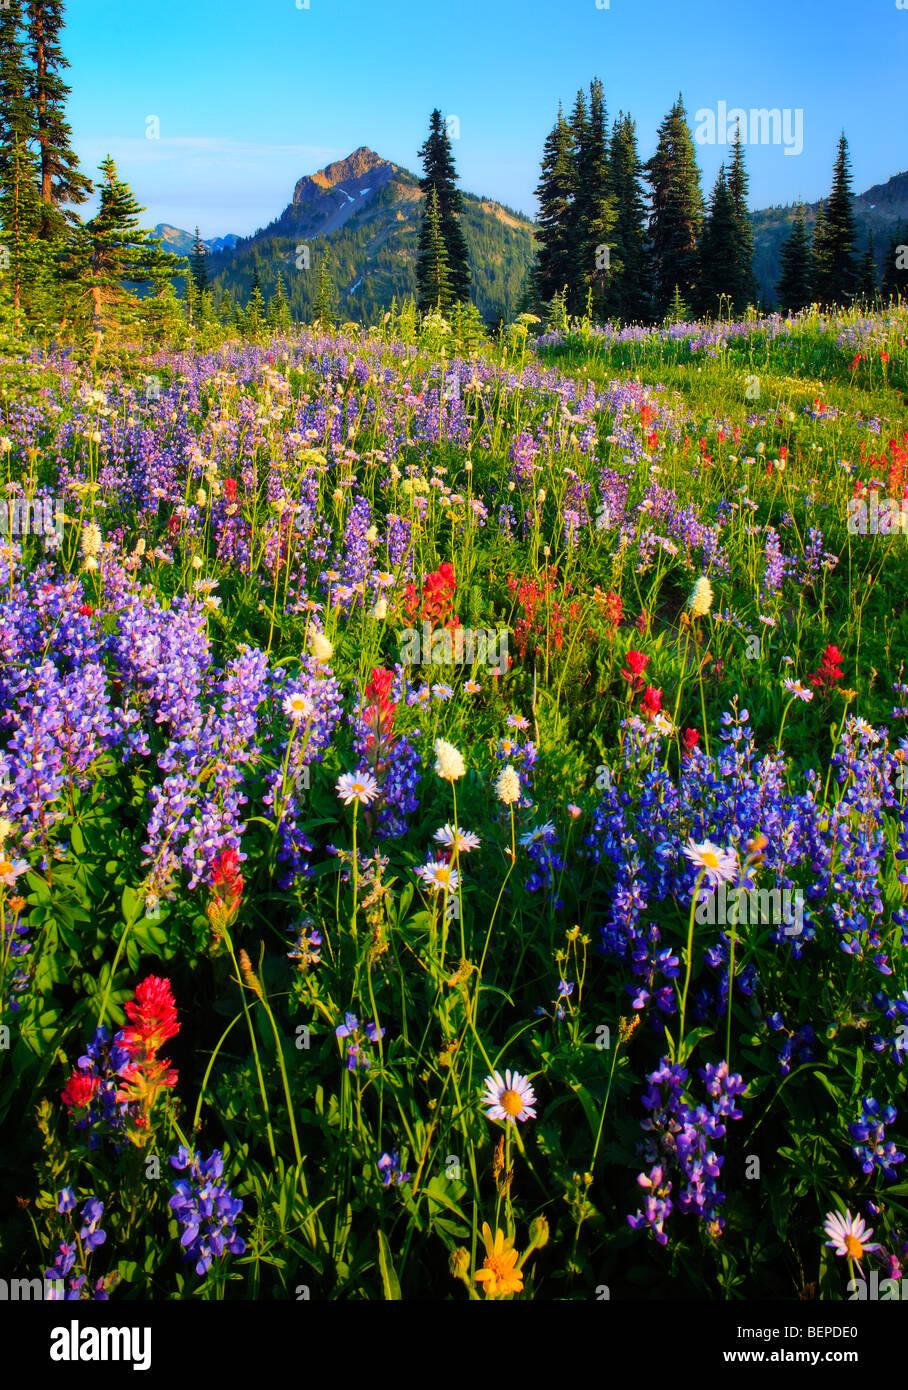 Blanket of wildflowers - Stock Image